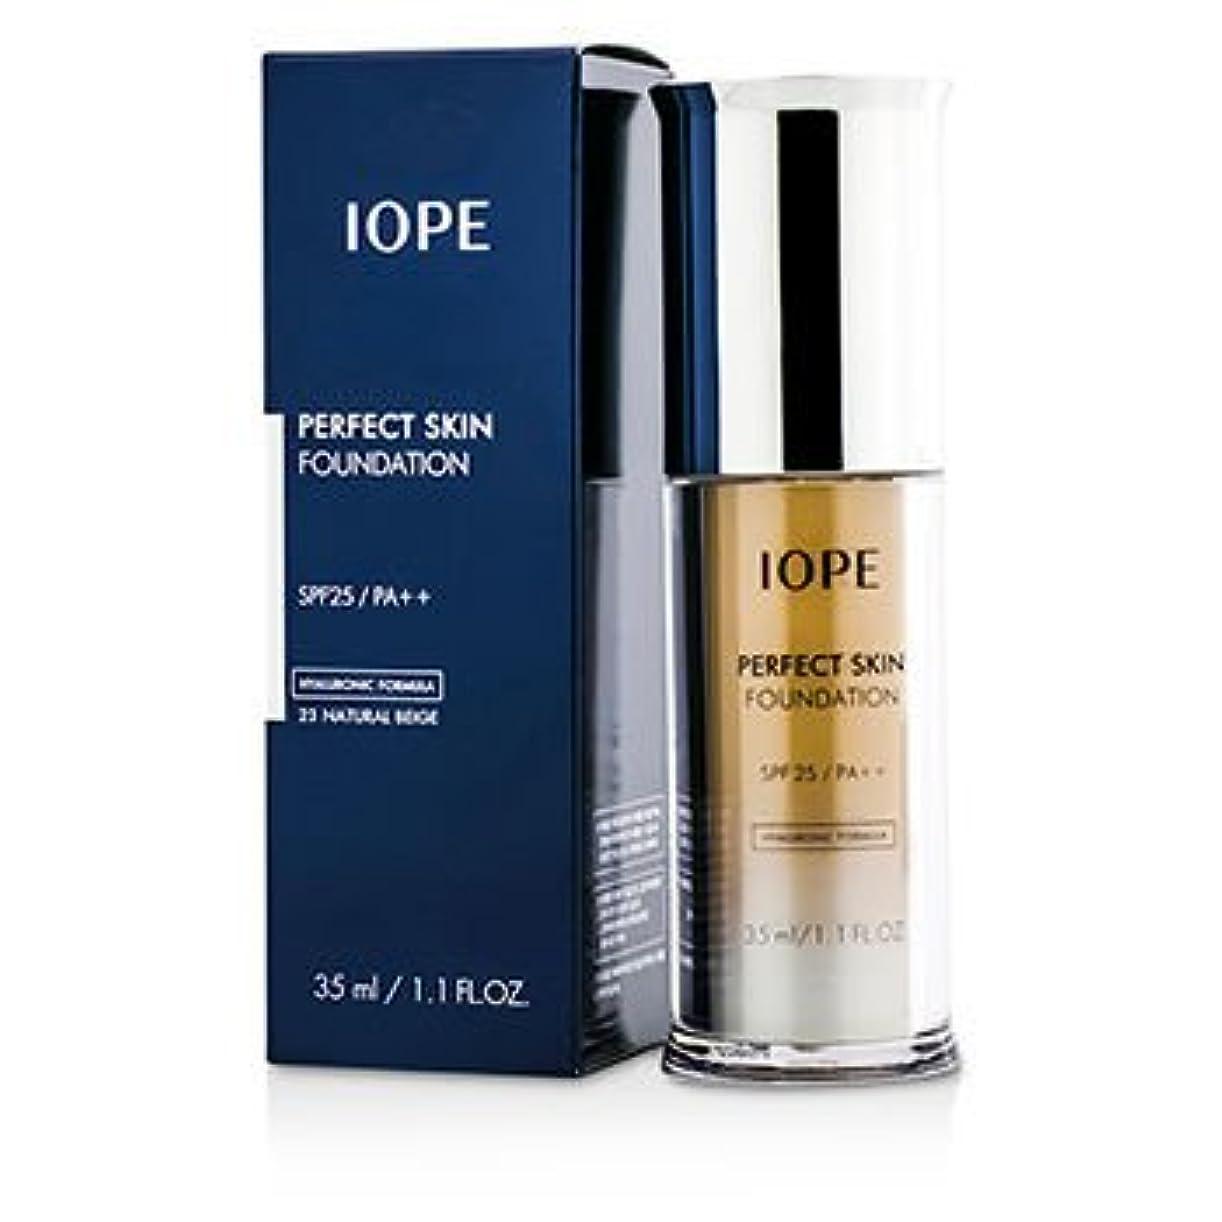 測る処理取り消す[IOPE] Perfect Skin Foundation SPF25 - # 23 Natural Beige 35ml/1.1oz